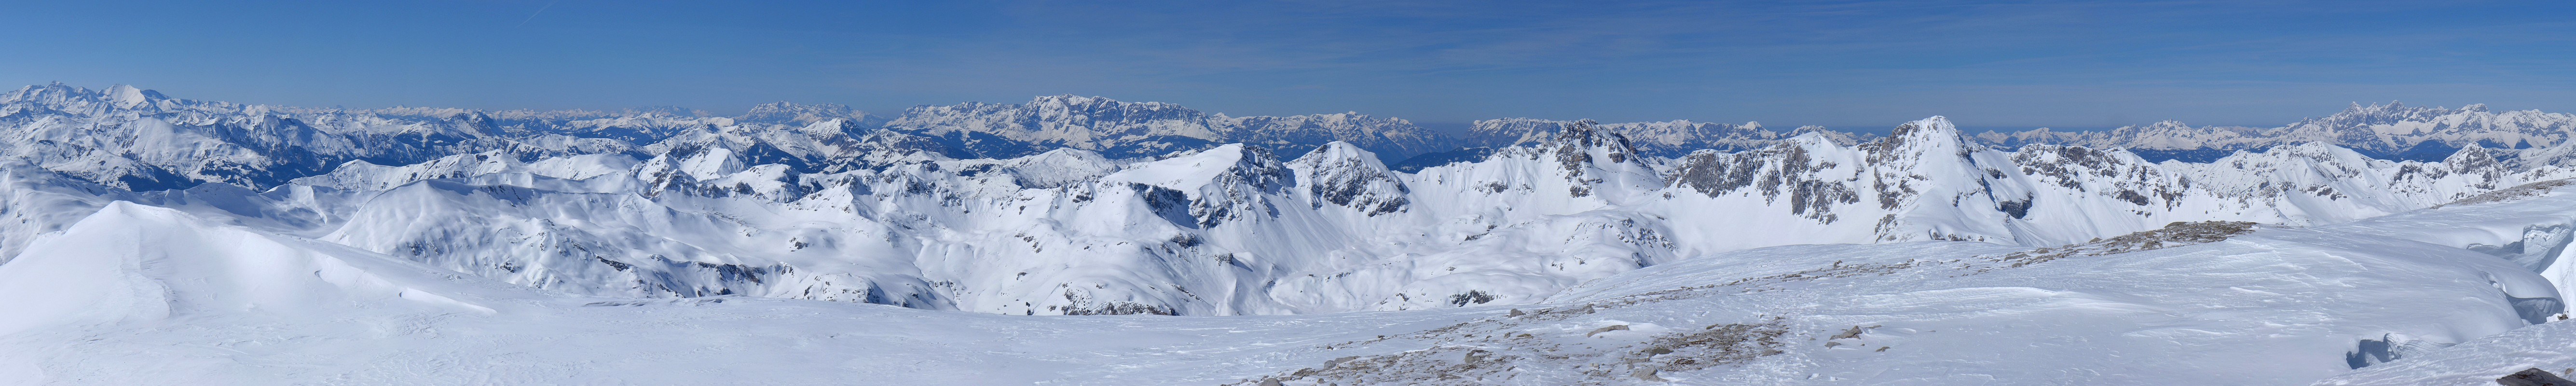 Weisseck Niedere Tauern Rakousko panorama 34